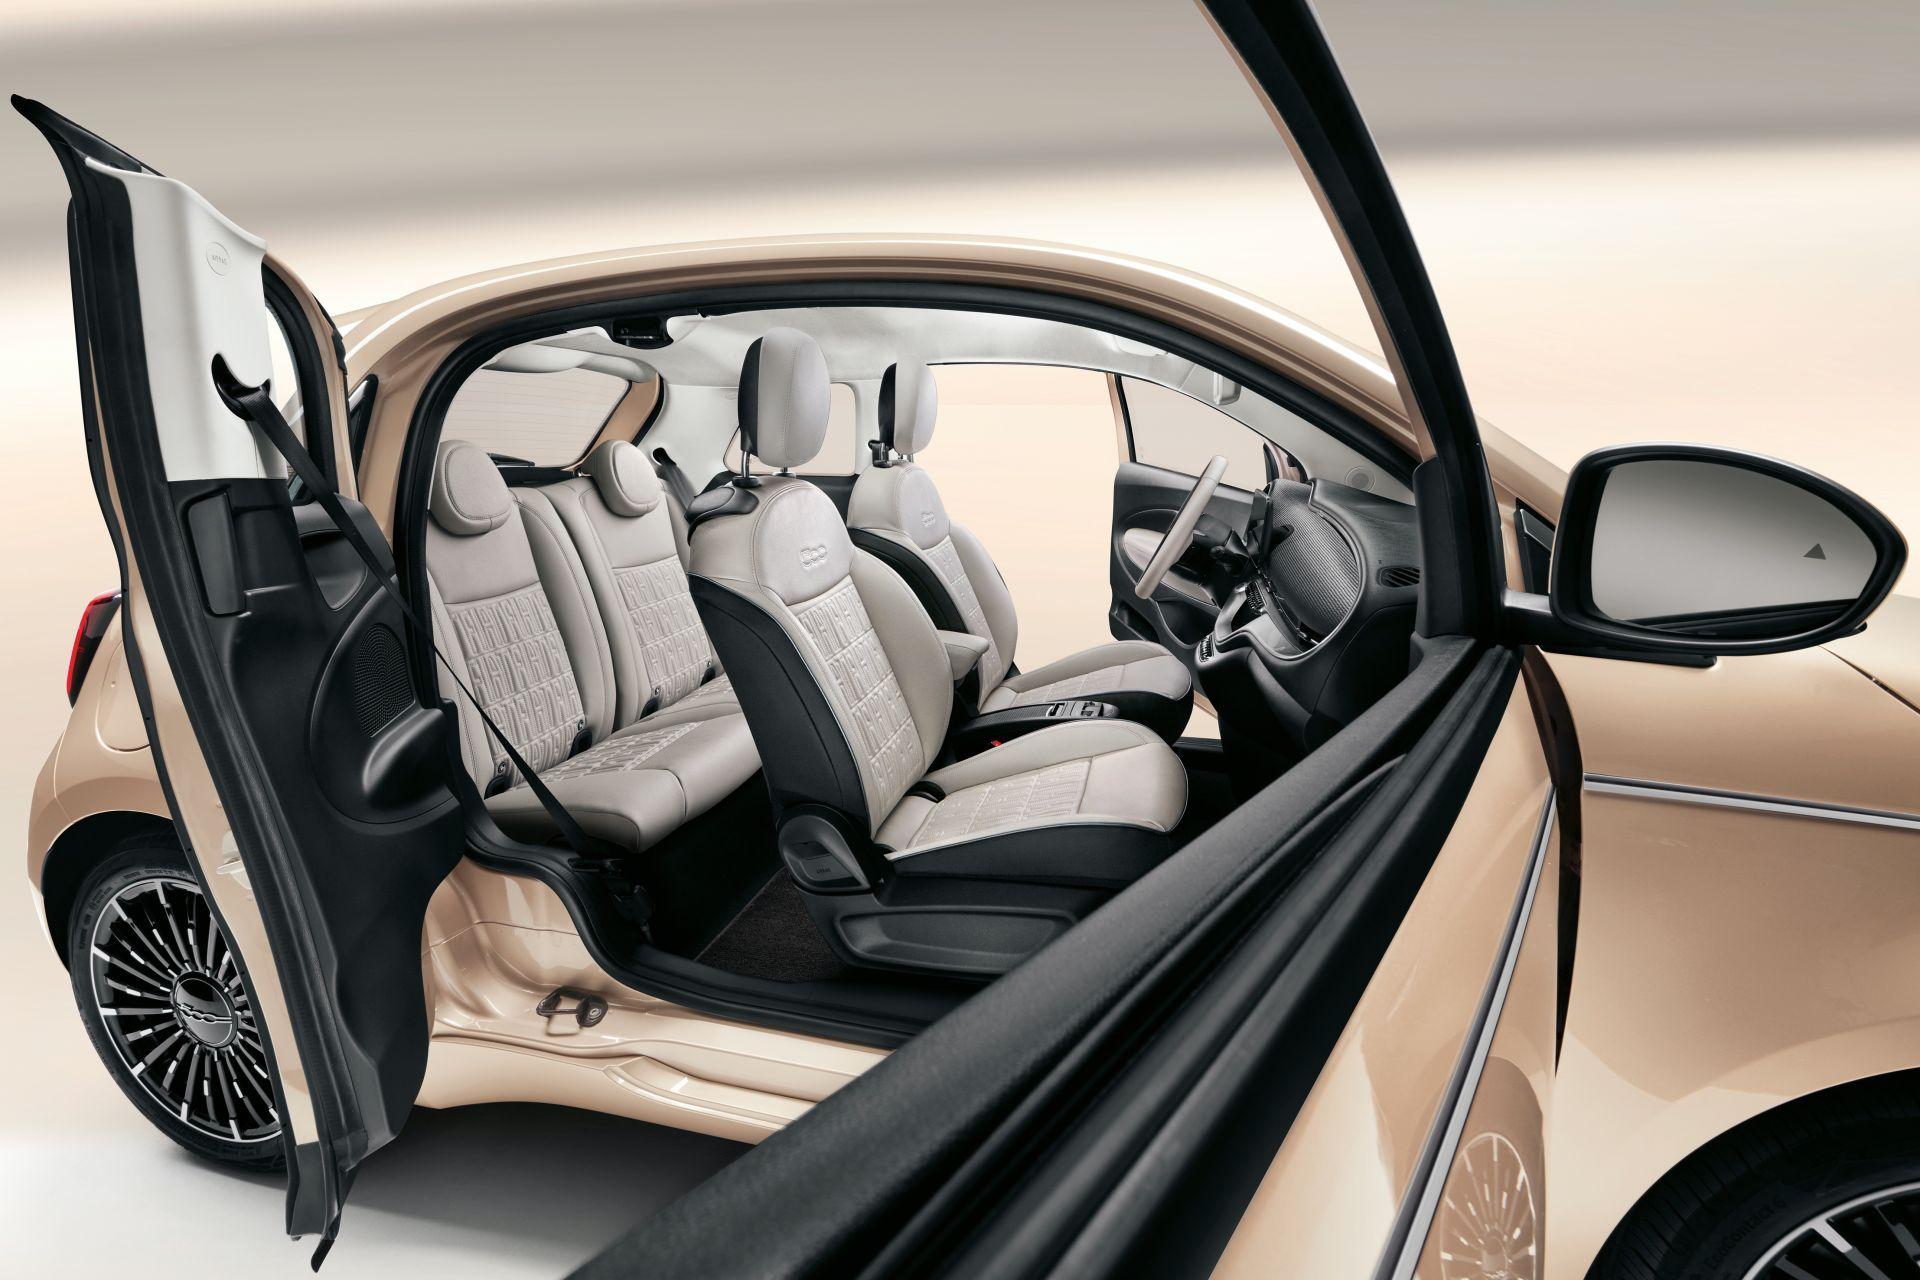 Fiat ја прошири палетата на моделот 500e / ФОТО+ВИДЕО